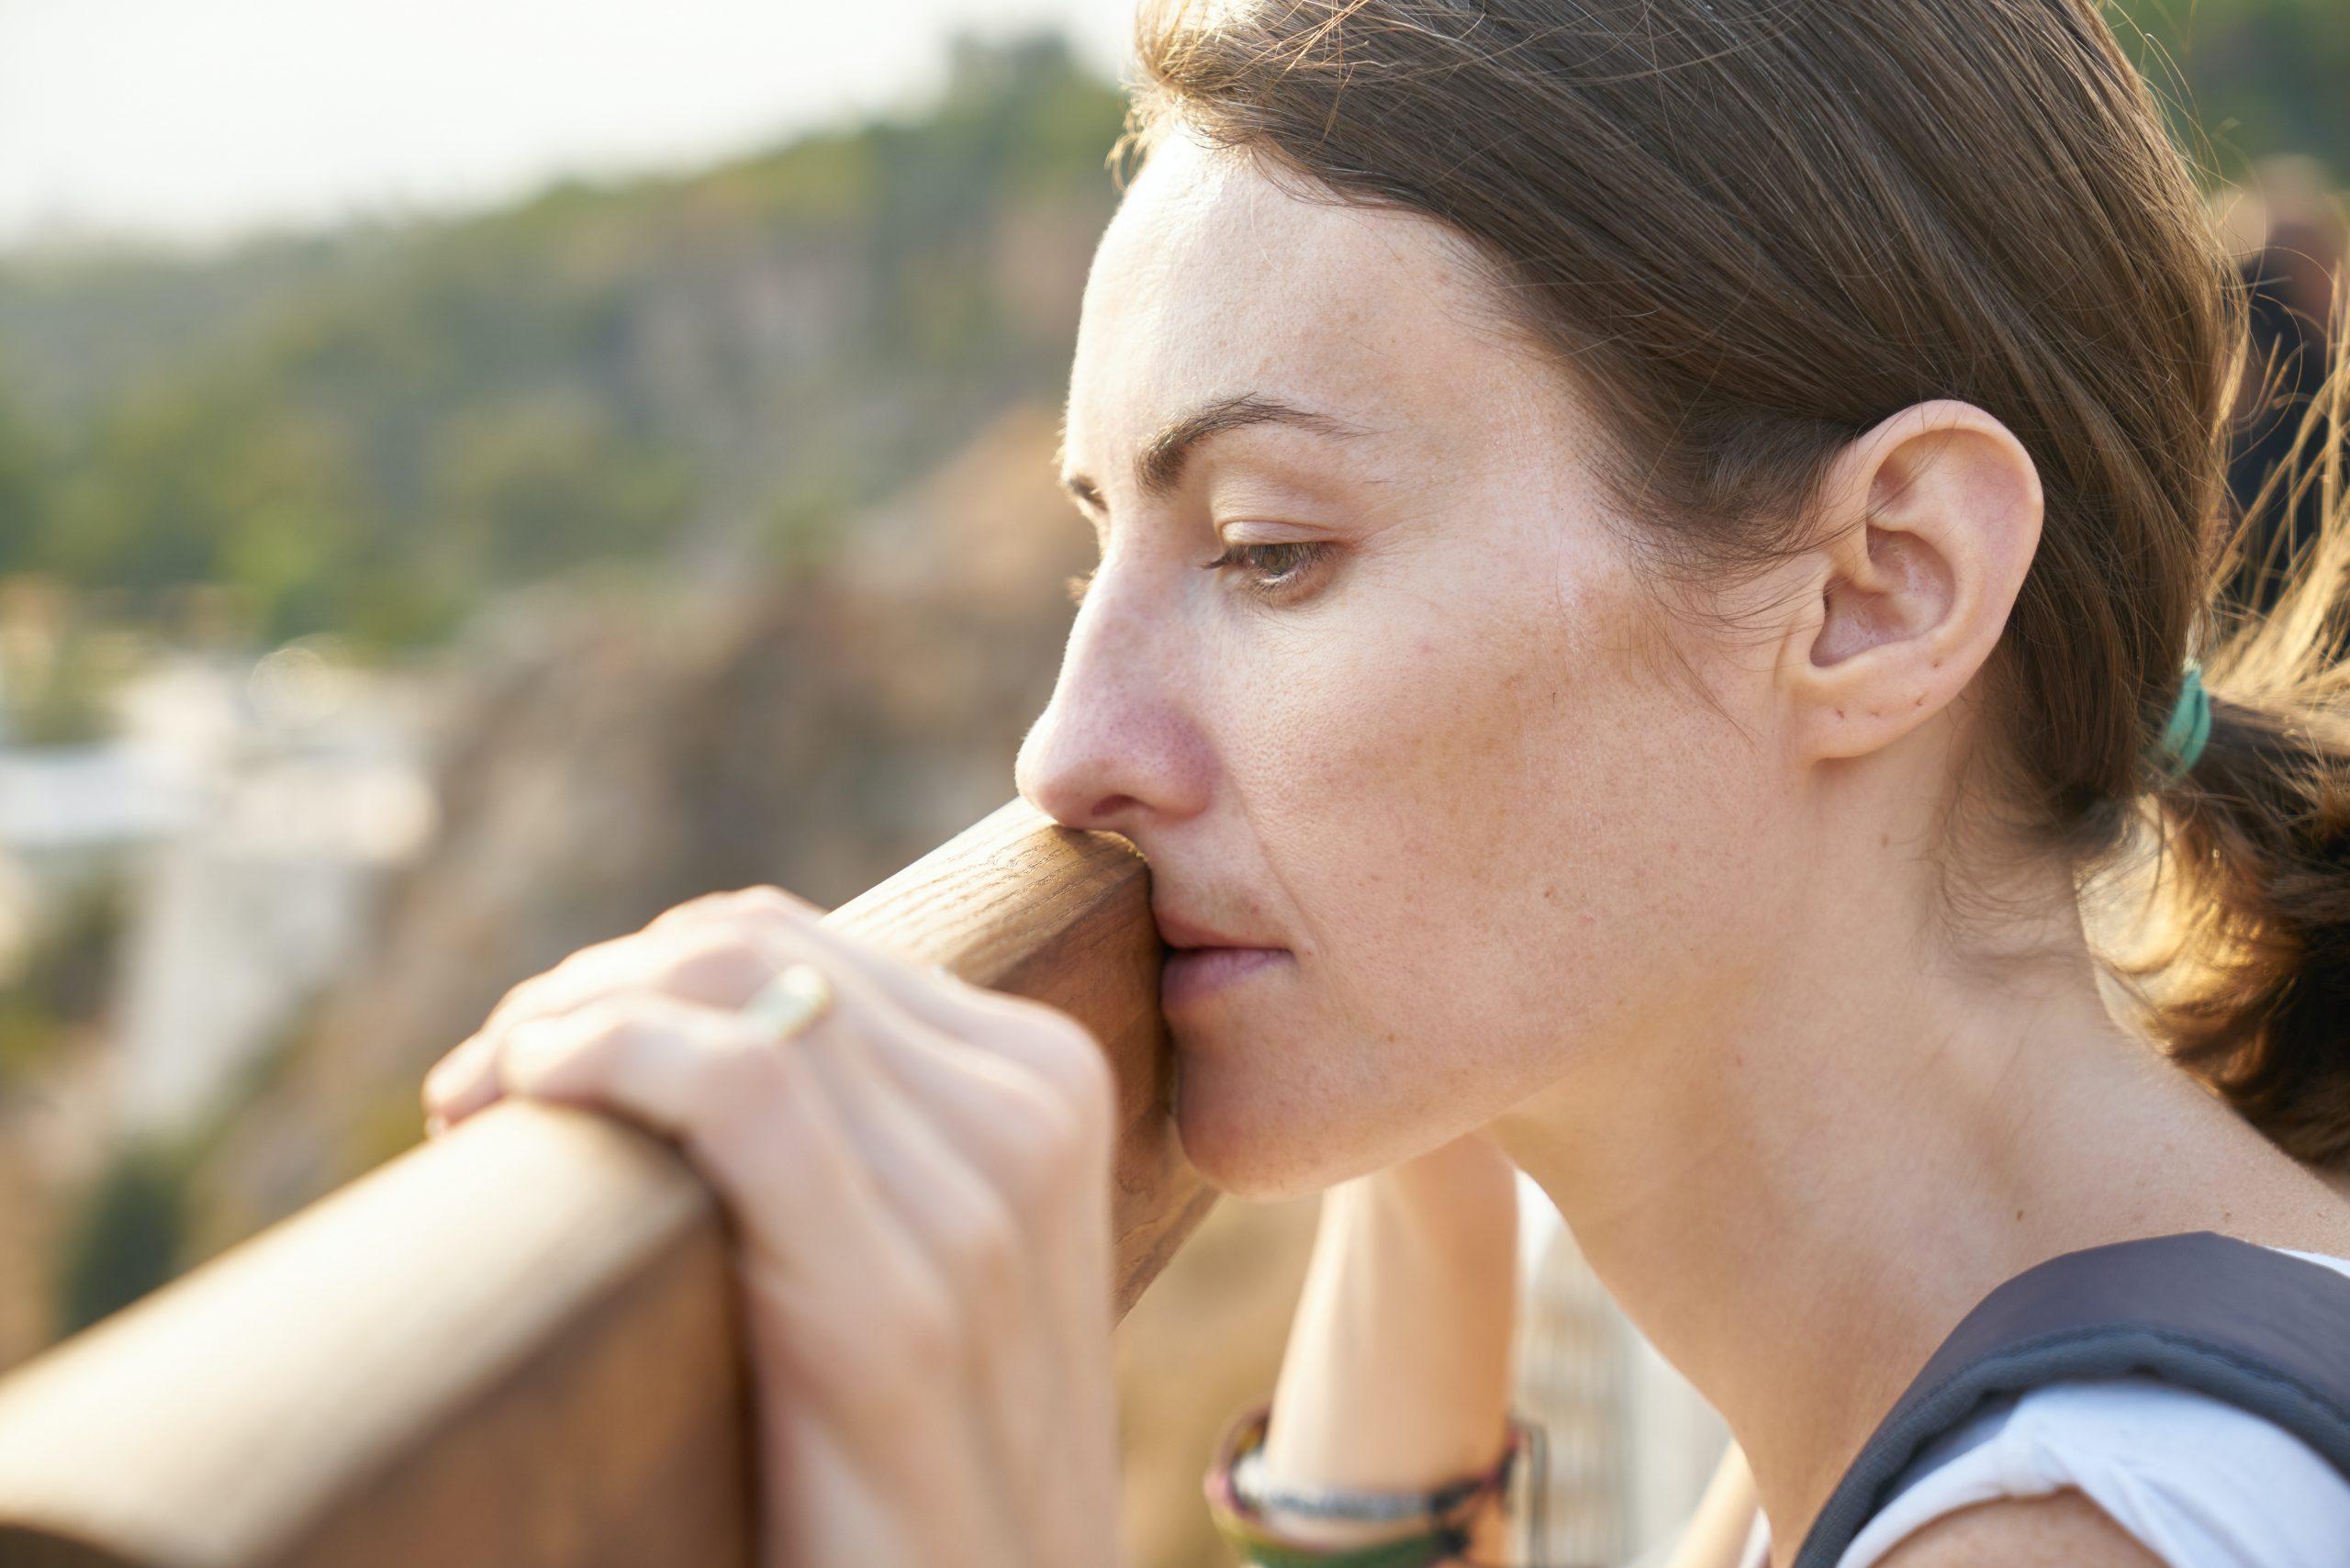 Atención a las señales de alerta después de la depresión